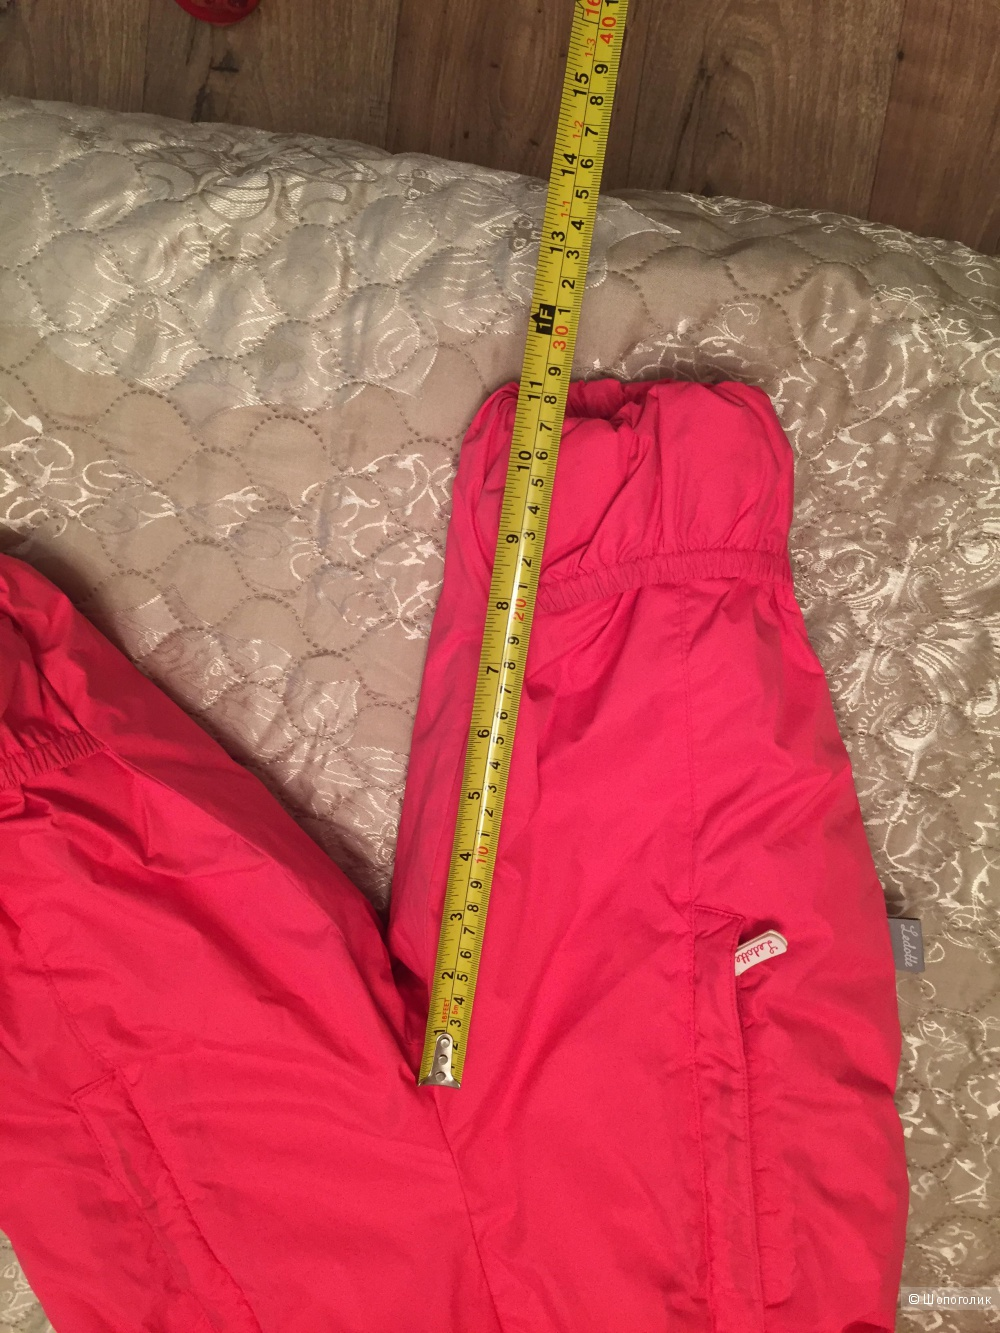 Комбенизон зимний Ledotte, 86 разм